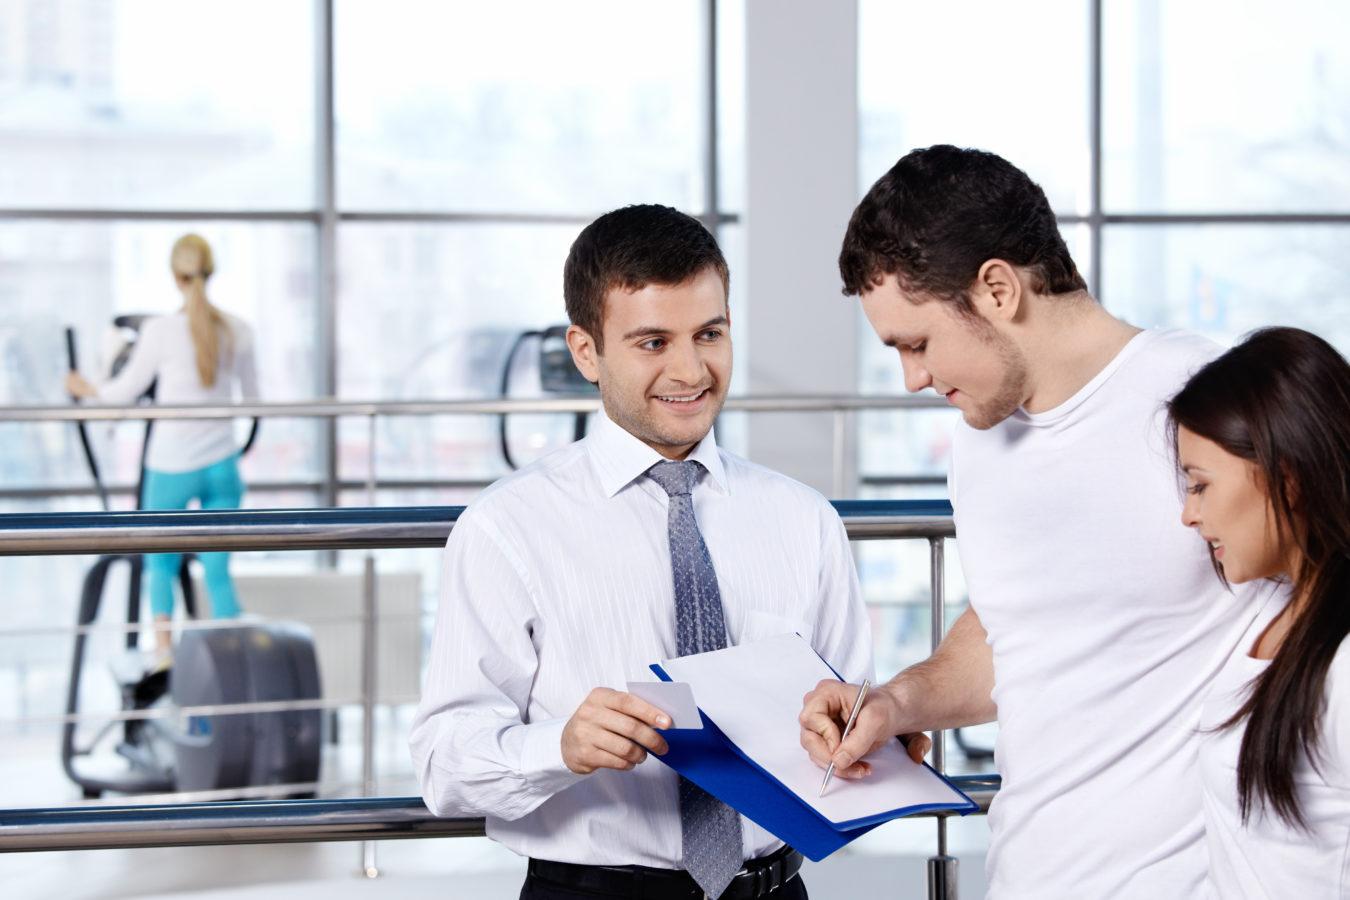 Les abonnements de fitness : est-ce un investissement rentable ?